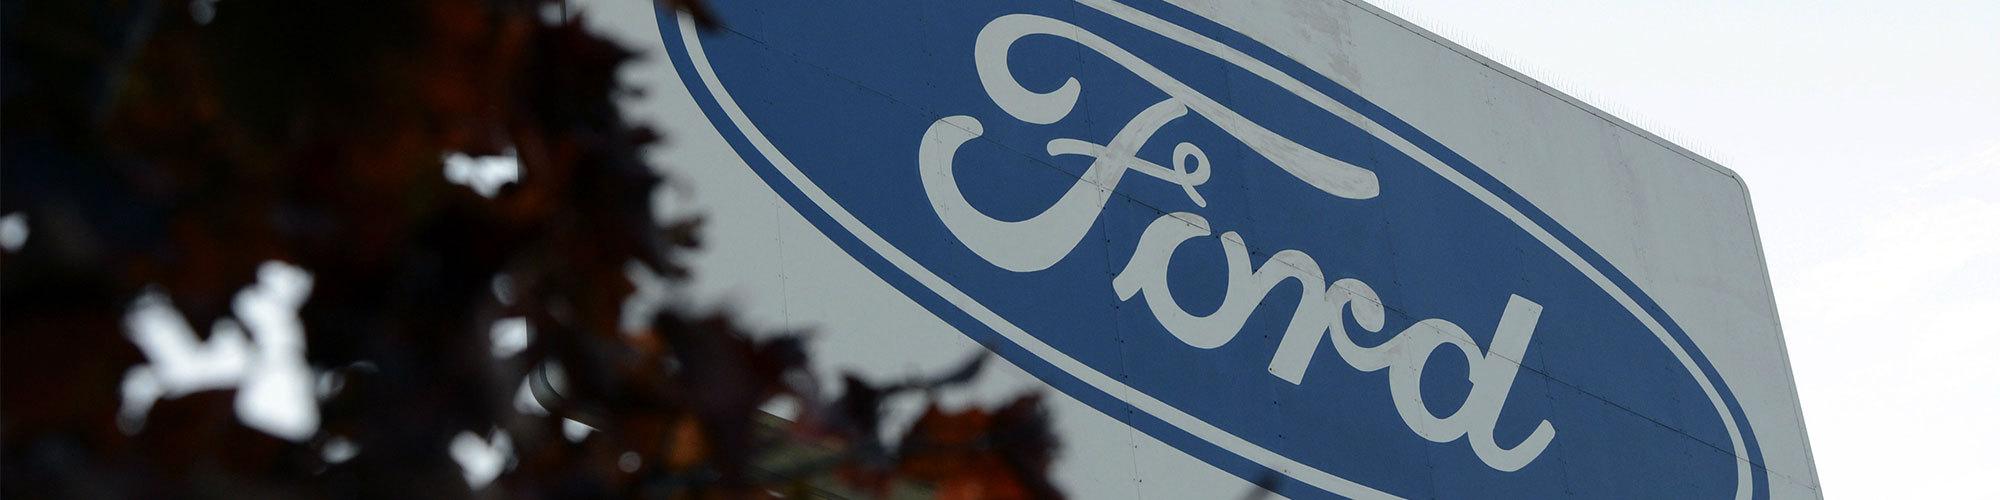 Ford header